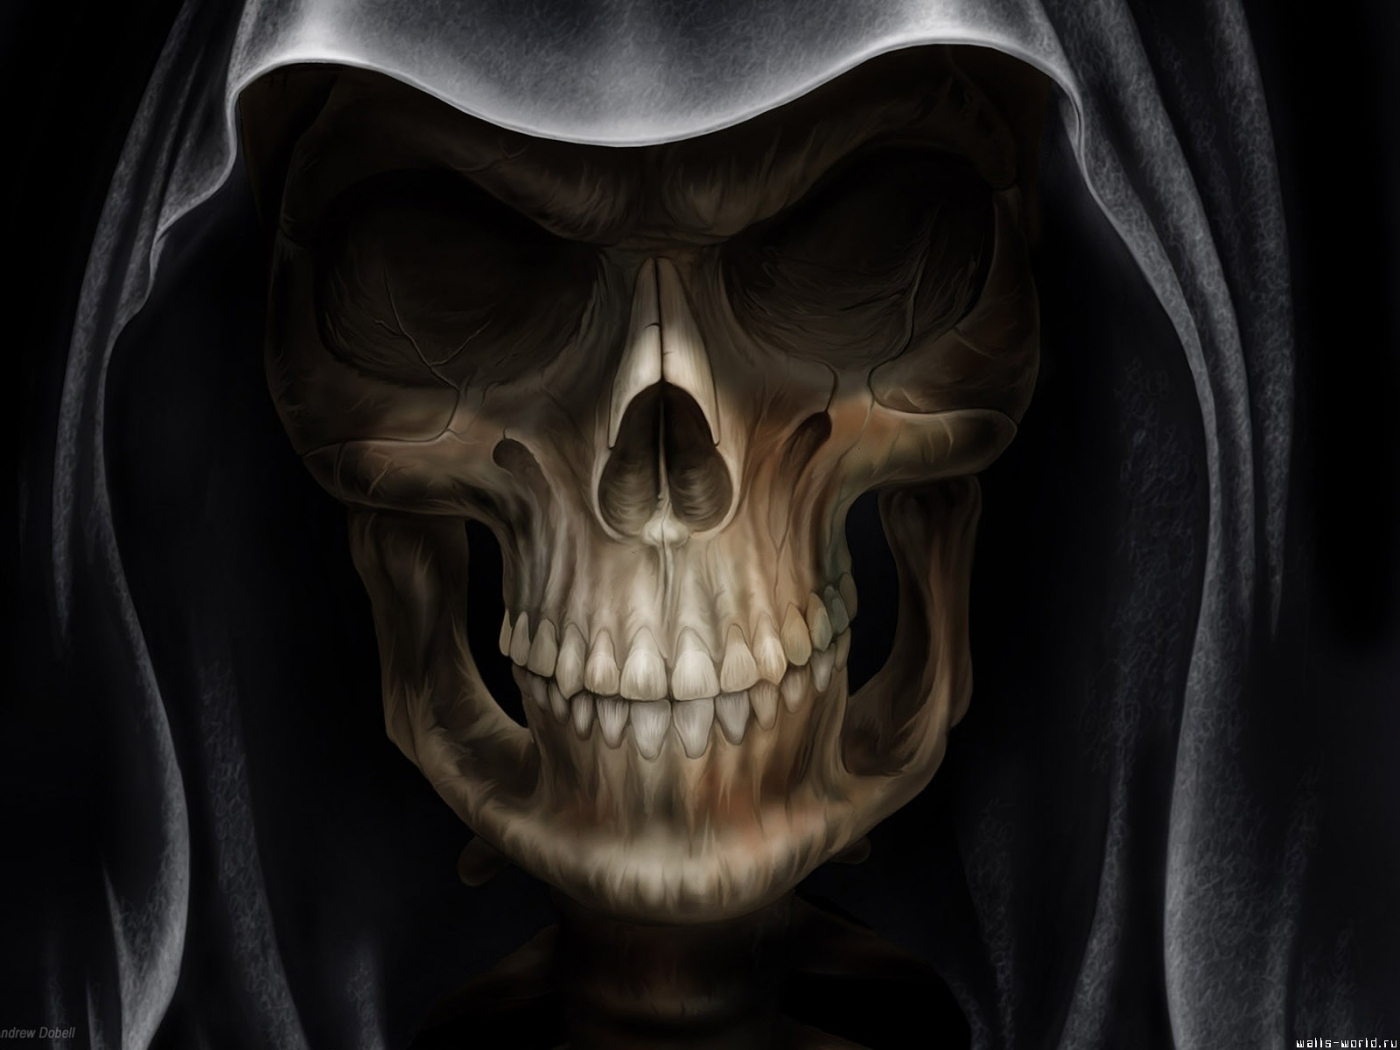 25257 Заставки и Обои Смерть на телефон. Скачать Смерть, Скелеты, Фэнтези картинки бесплатно